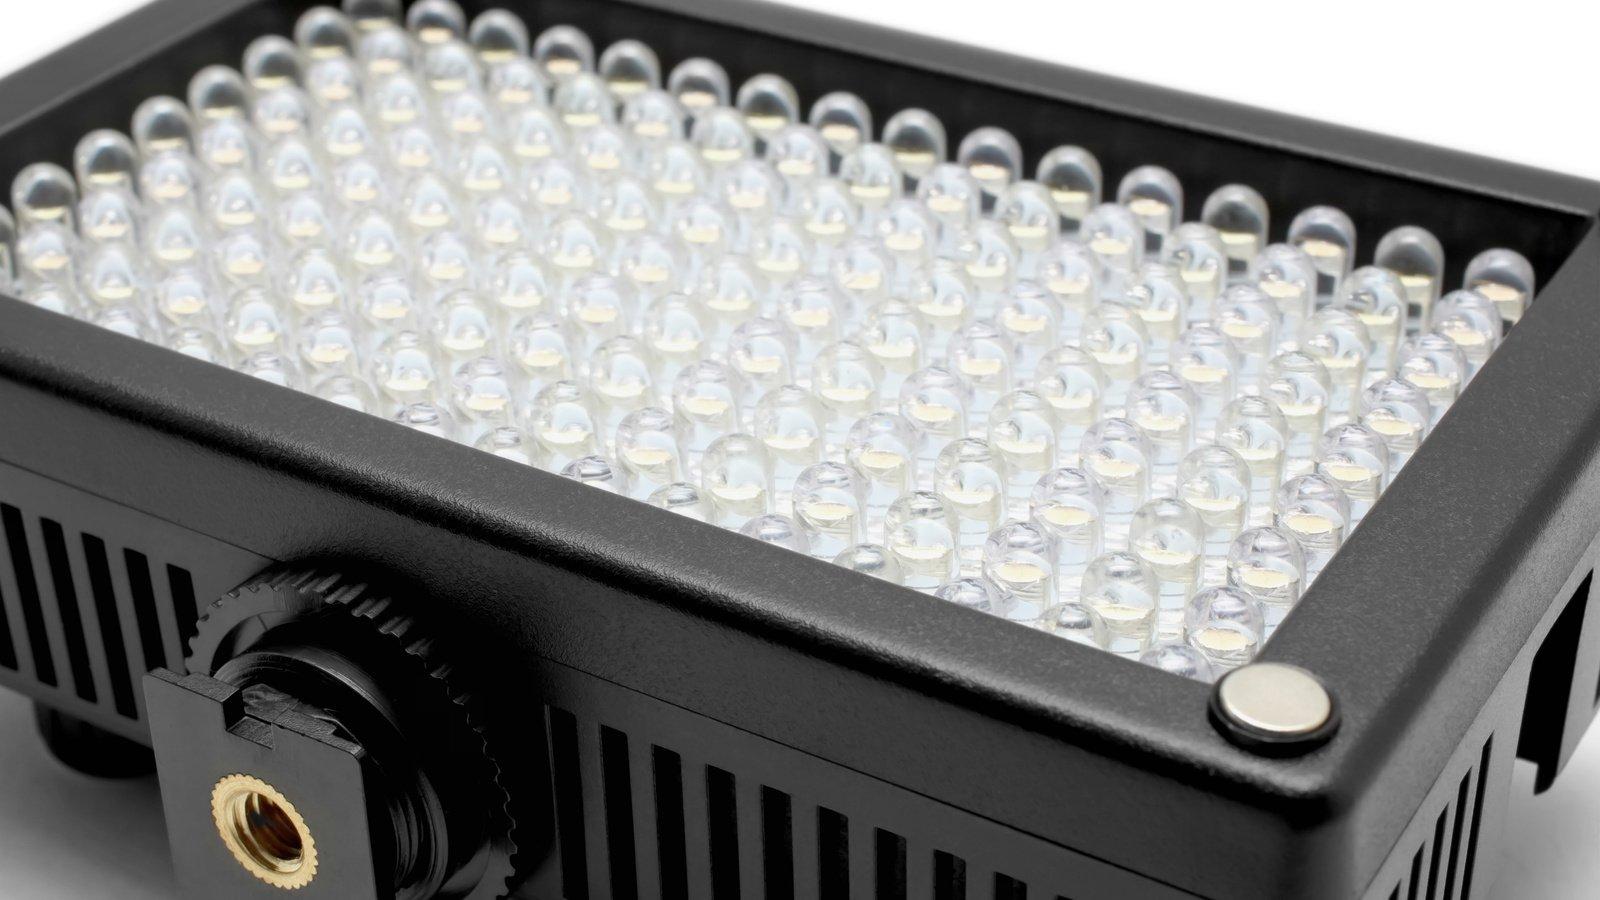 Es sind insgesamt 72 Kunstlicht- und 72 Tageslicht LEDs verbaut.